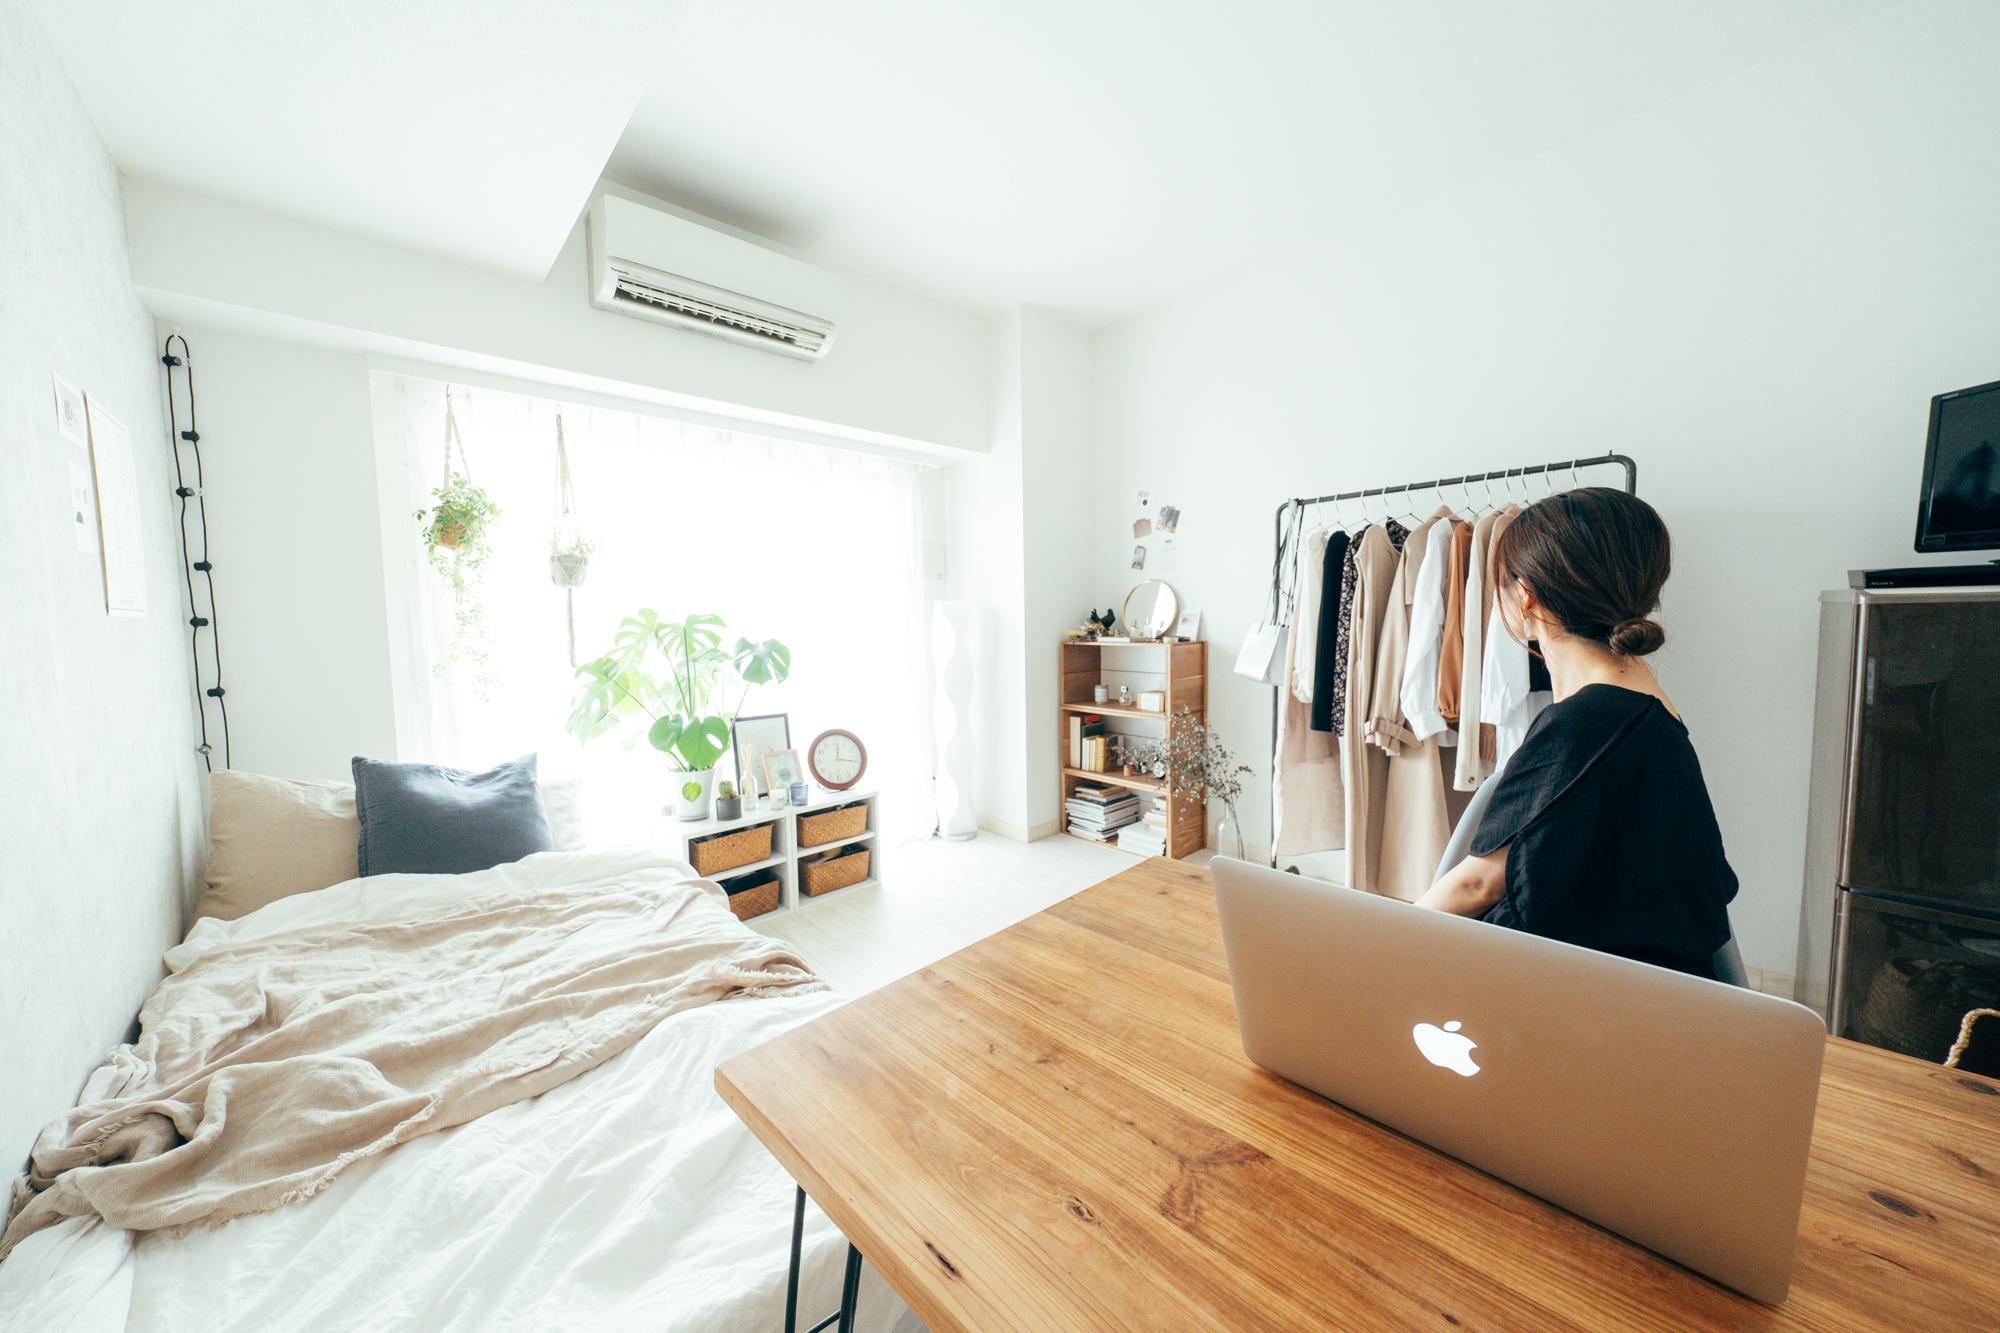 部屋にいる間の目に入る色数を抑えるよう、工夫をしているという方のお部屋。全体的にすっきりとした室内です。